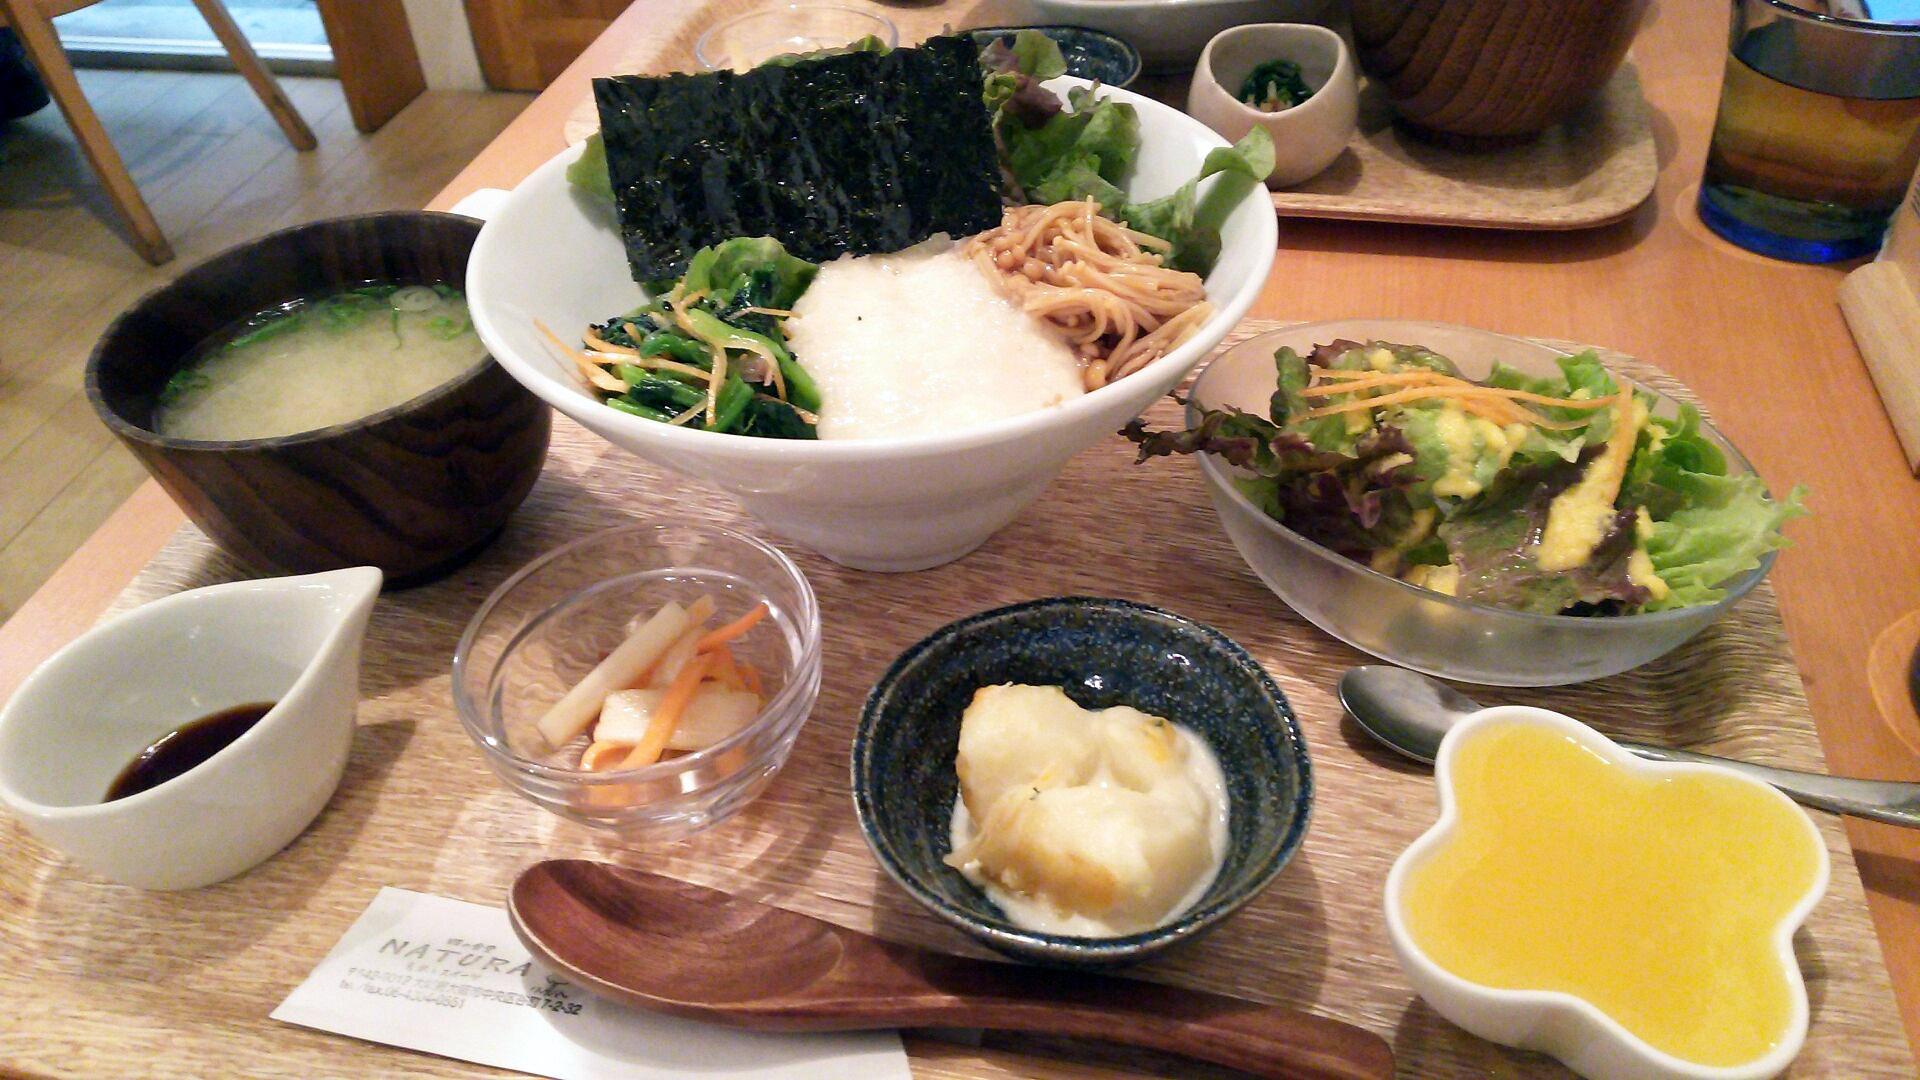 【大阪カフェエリア】谷町6丁目で健康ランチ!